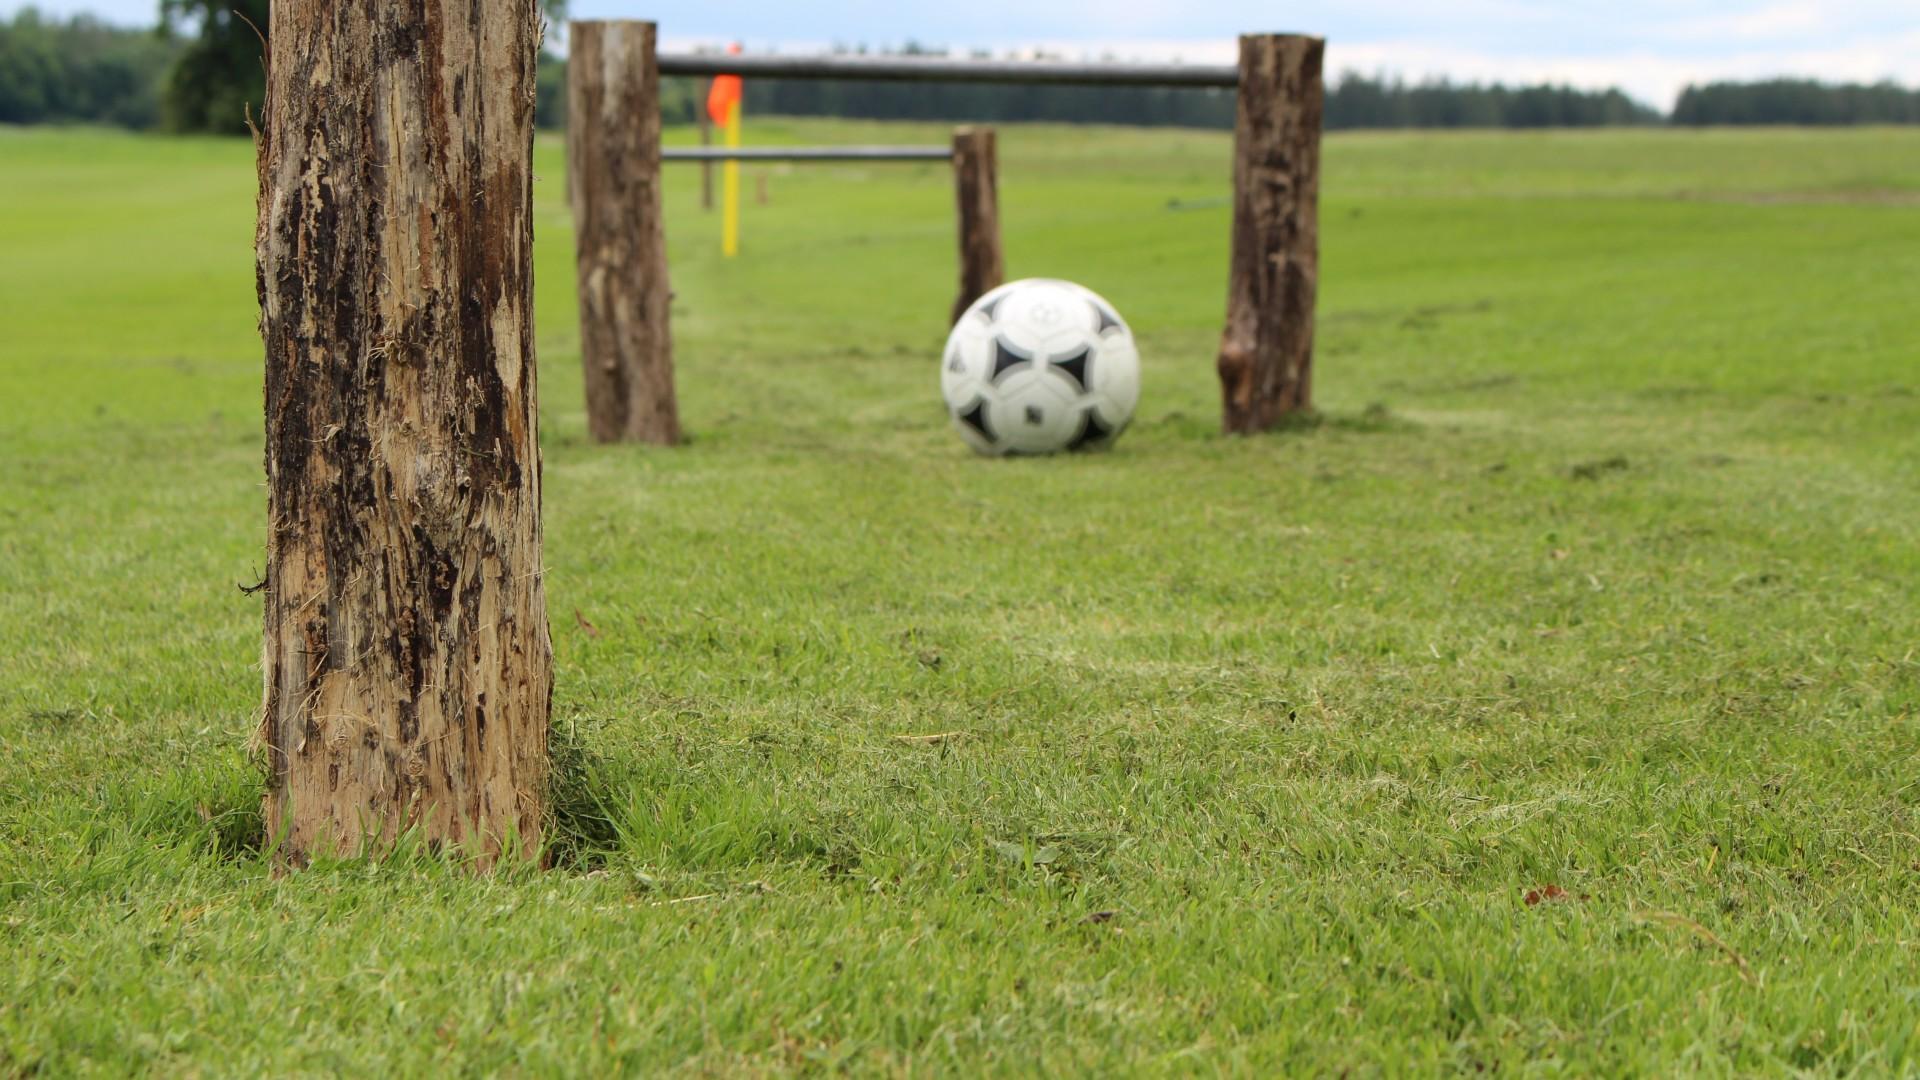 FC Stoffen eröffnet einen 9-Loch Fußballgolfplatz für Jedermann